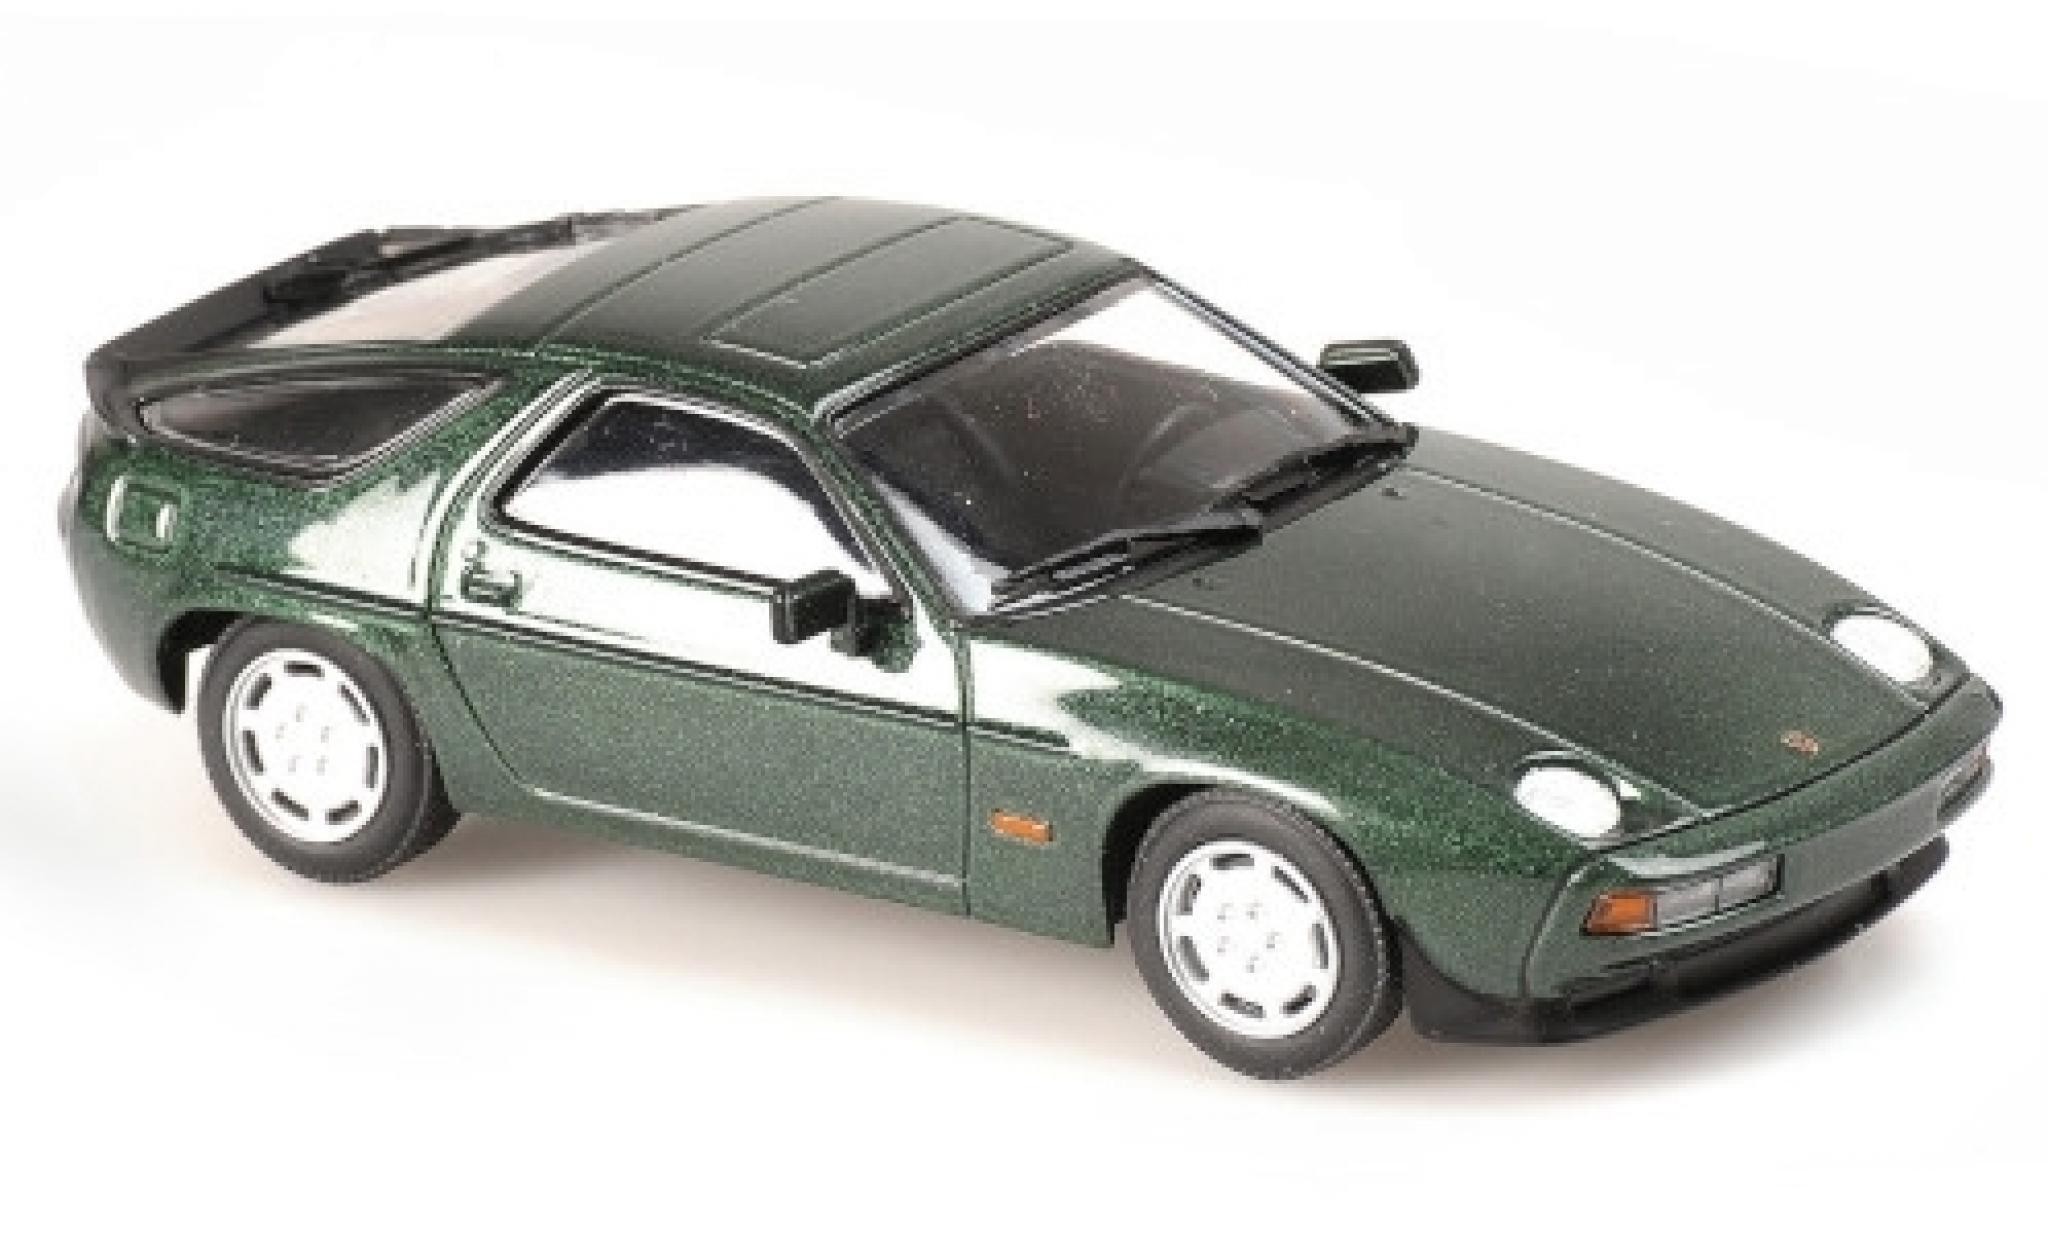 Porsche 928 1/43 Maxichamps S metallise verte 1979